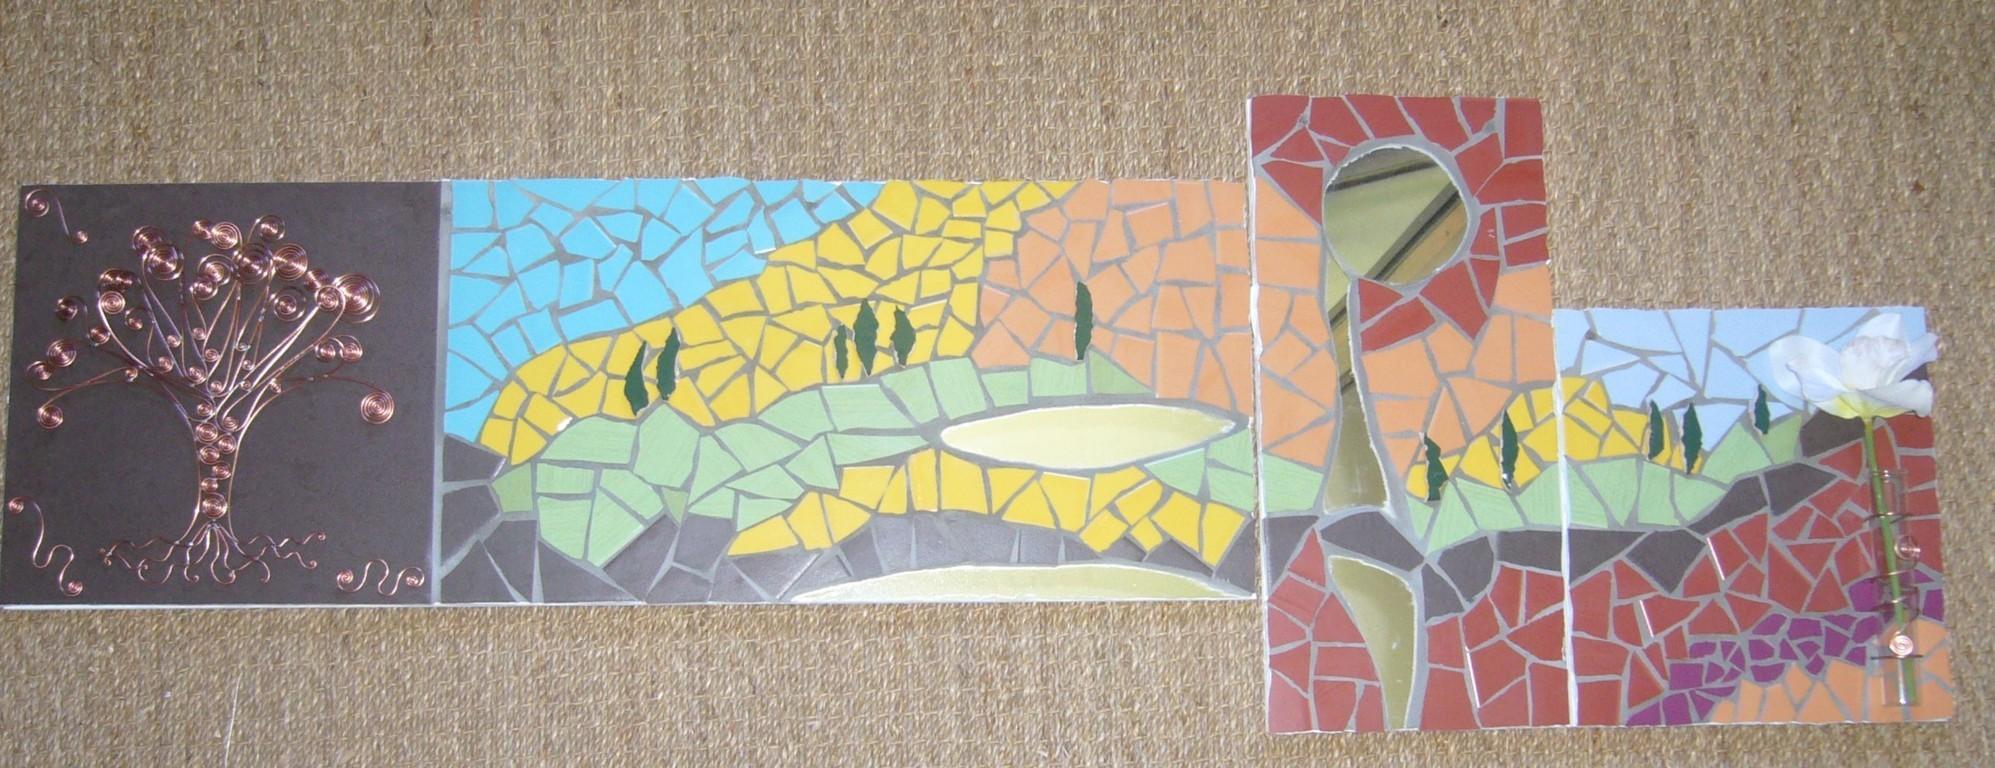 Les Fresques 2